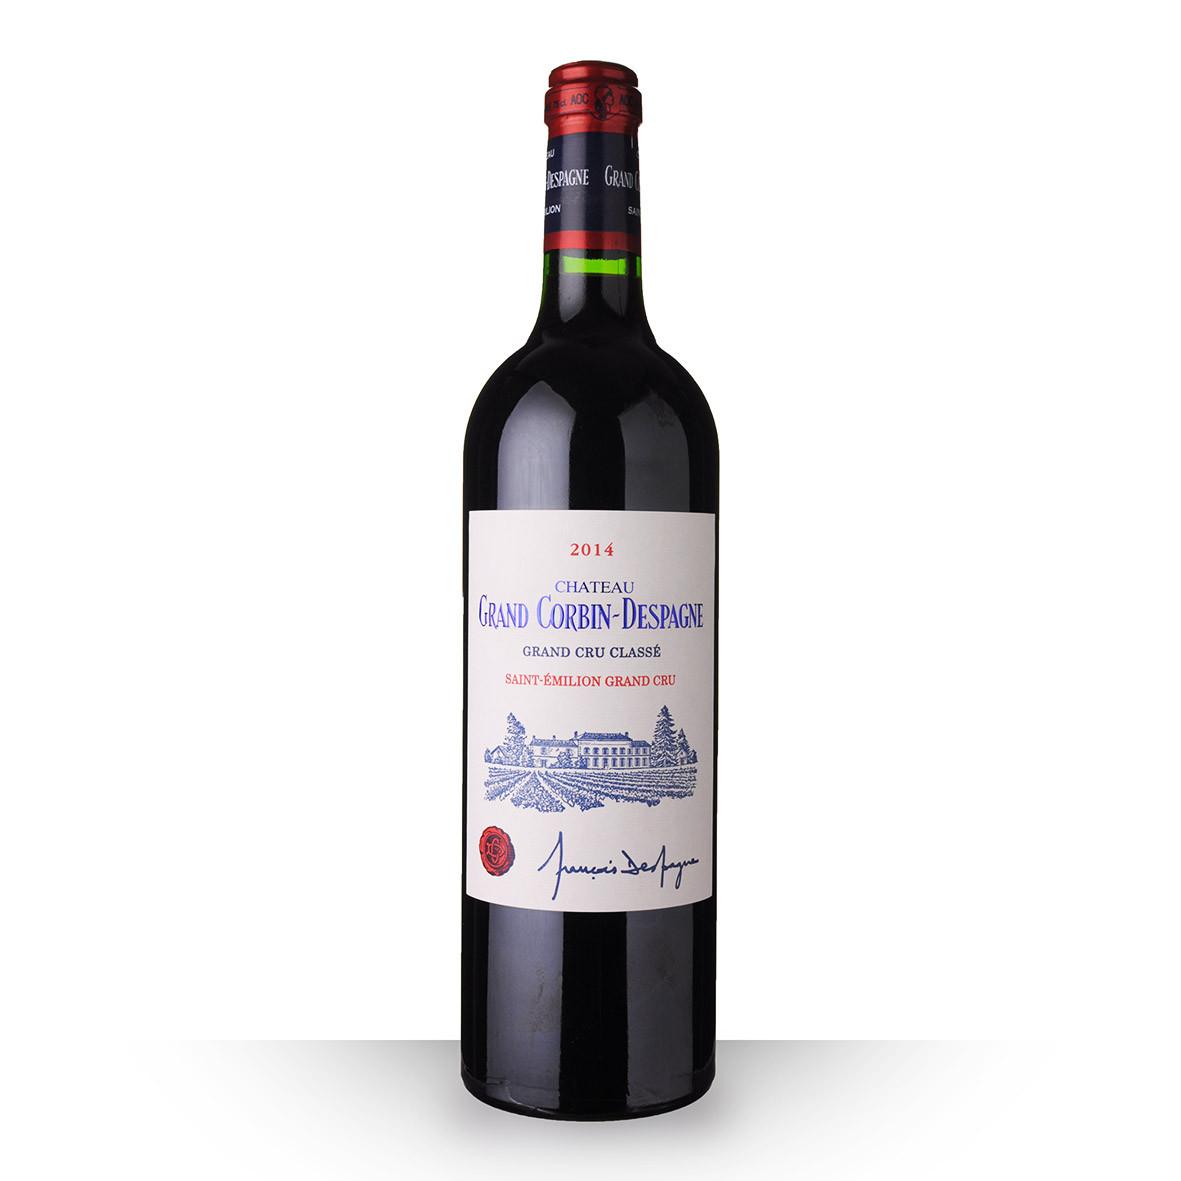 Château Grand Corbin-Despagne Saint-Emilion Grand Cru Rouge 2014 75cl www.odyssee-vins.com